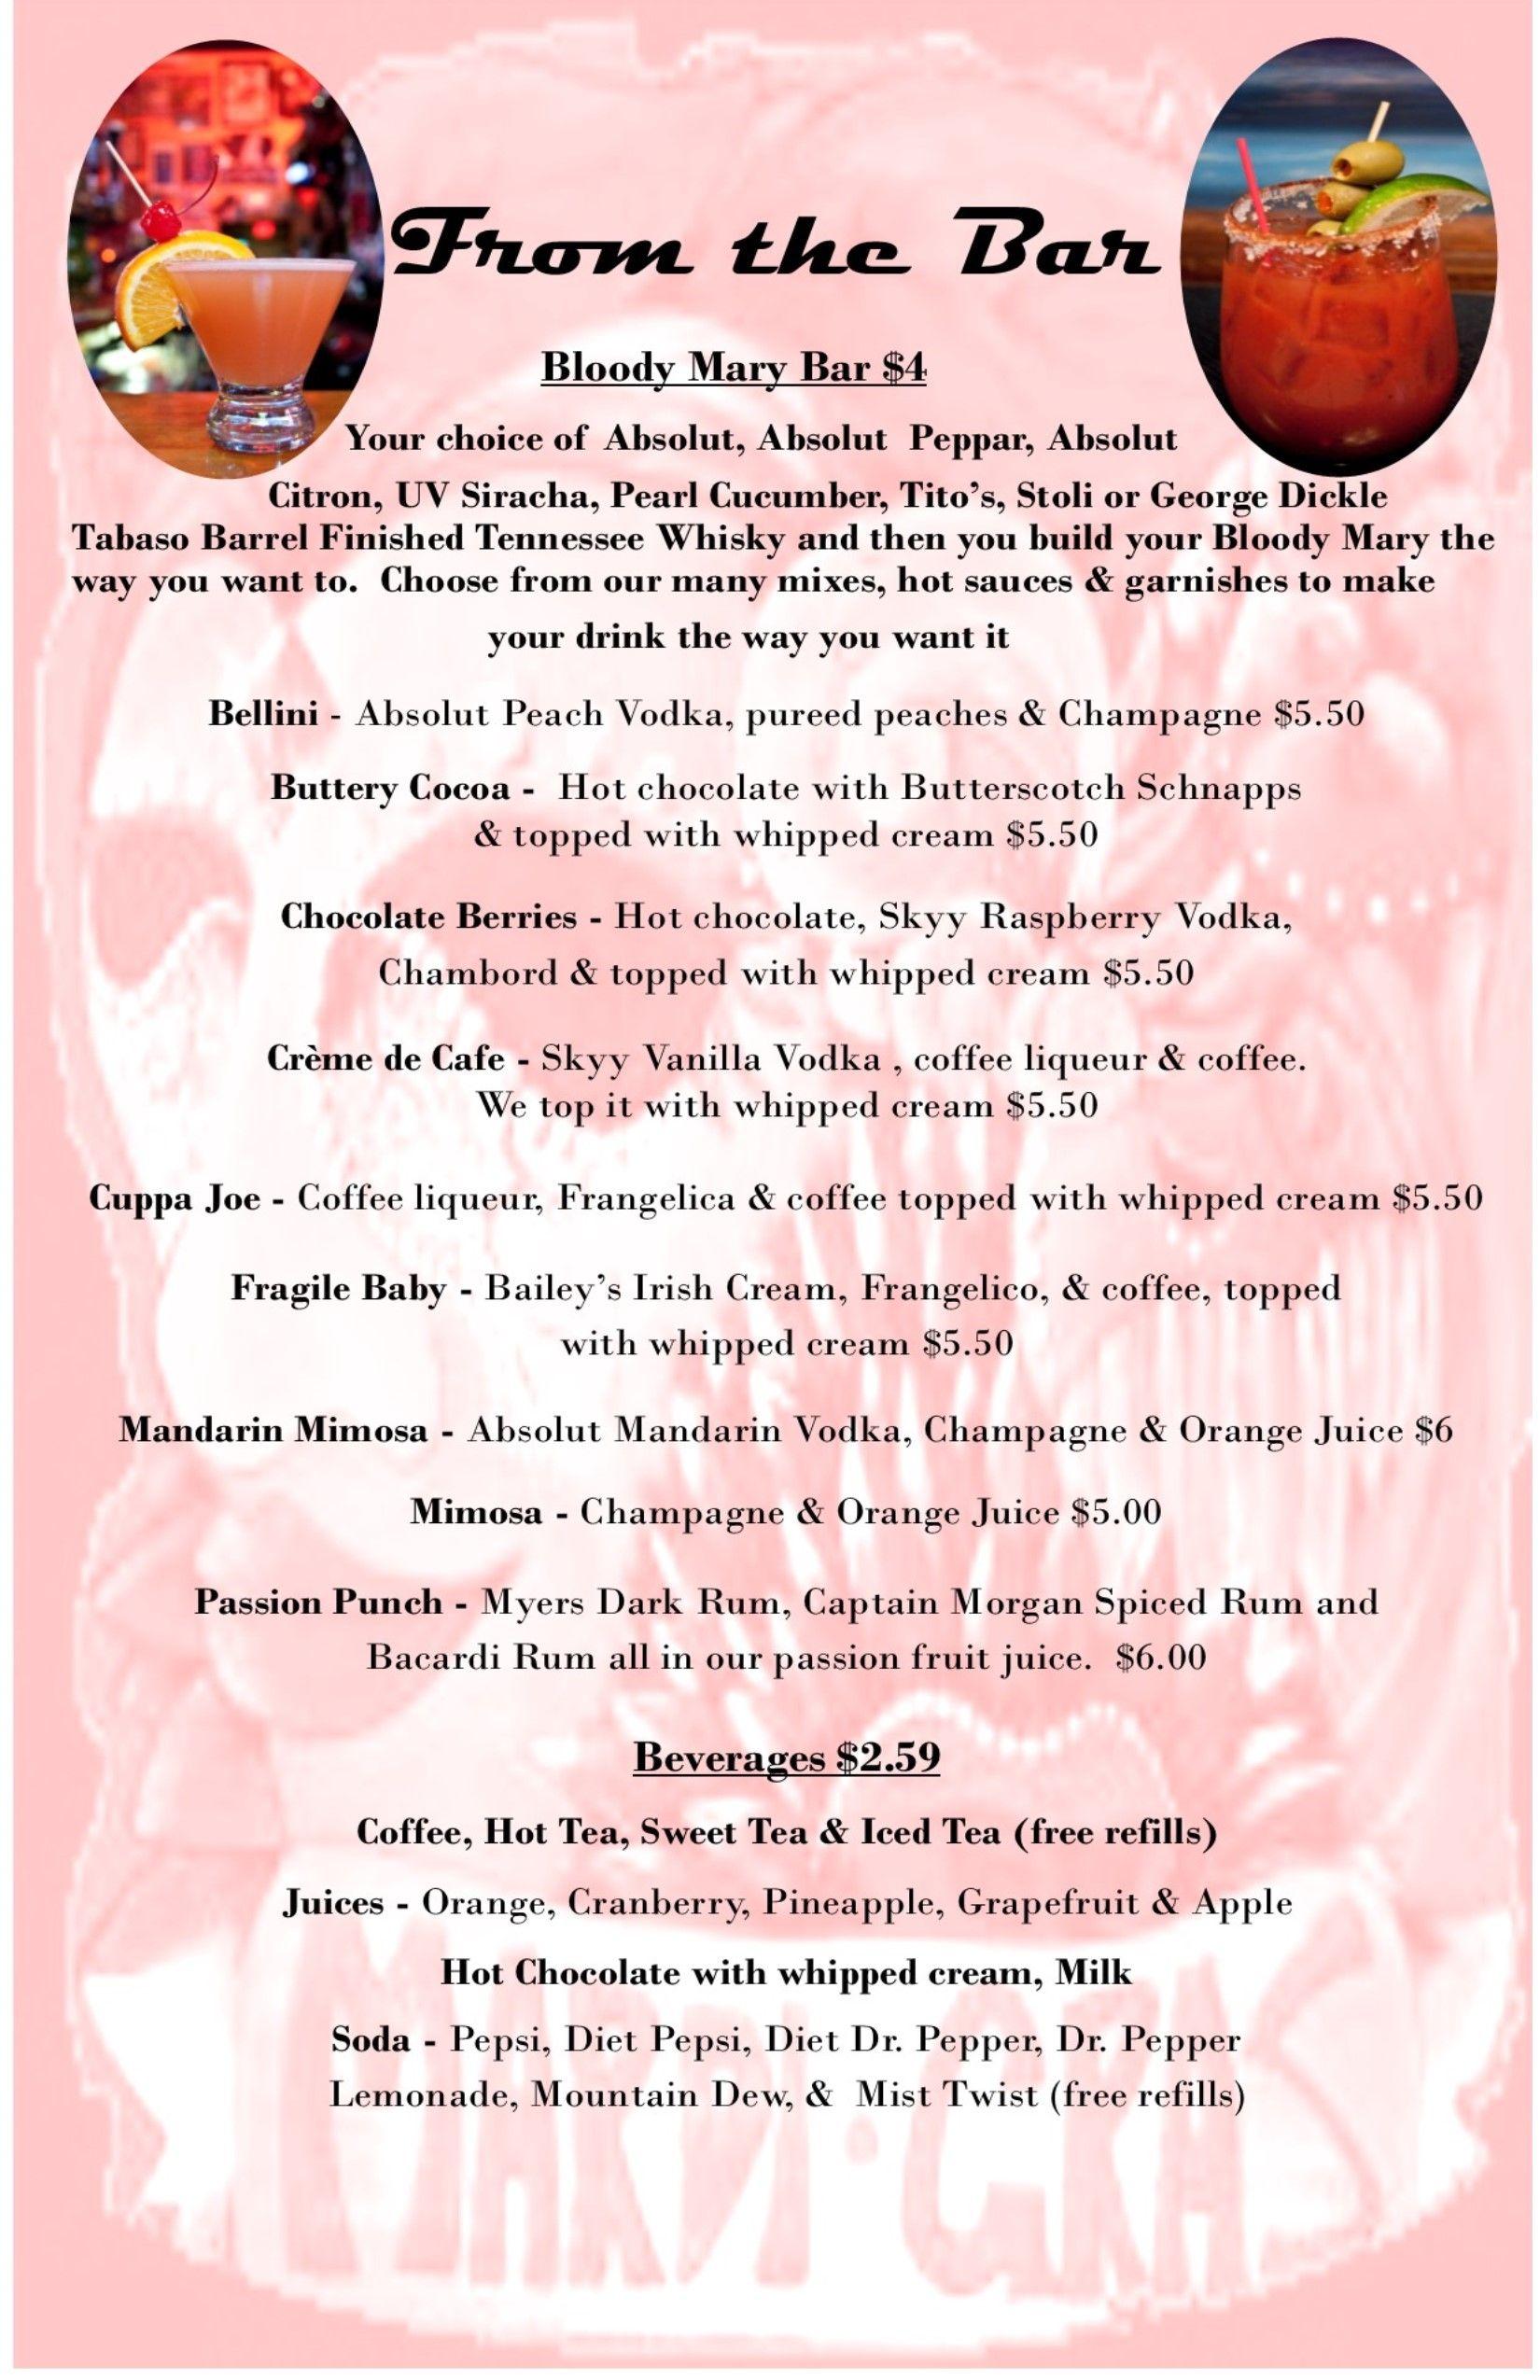 2019 sunday brunch bar menu brunch bar brunch menu brunch